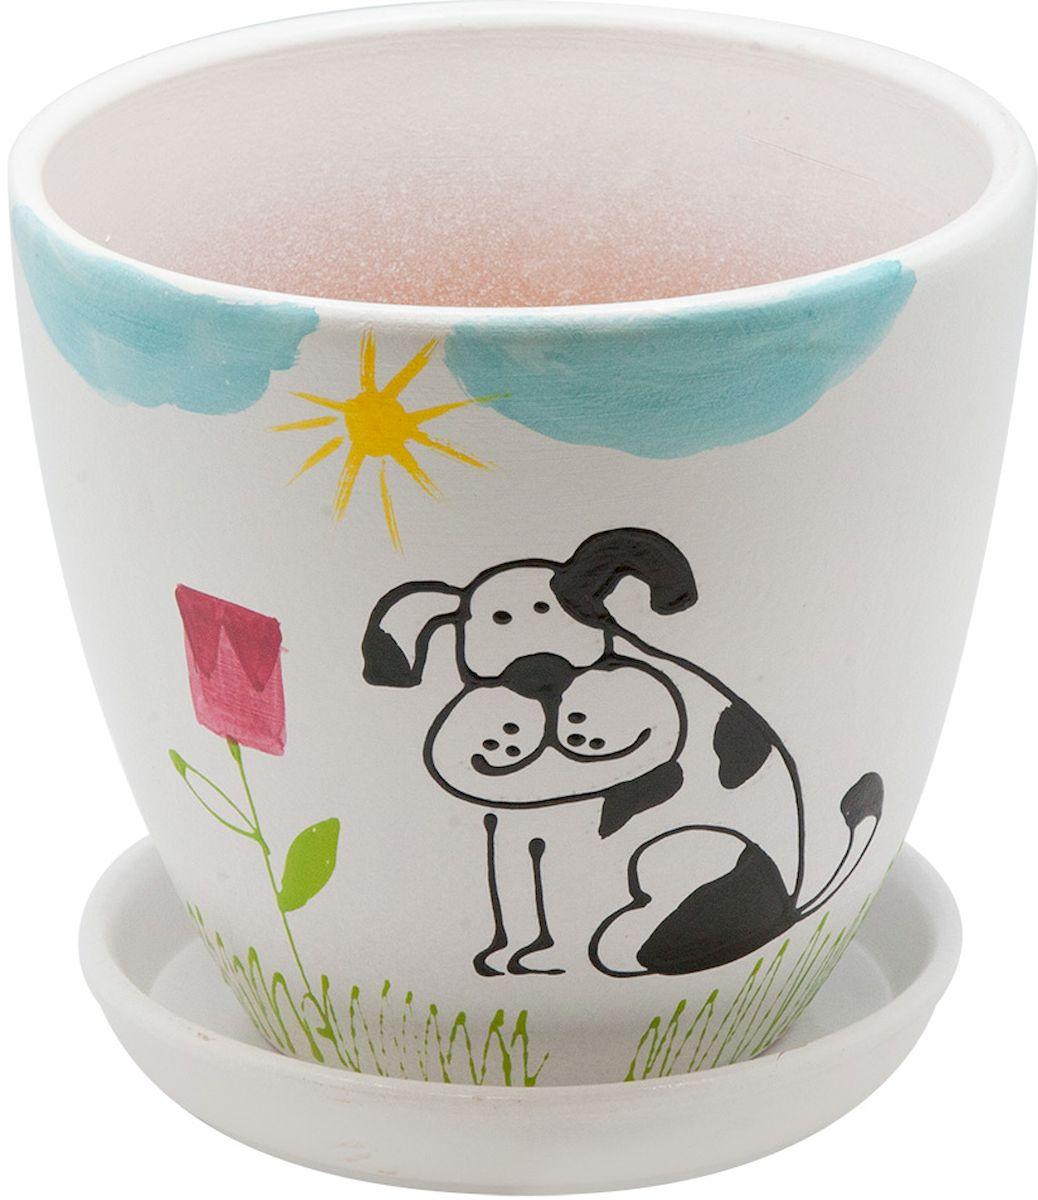 Горшок цветочный Engard Собака, с поддоном, 2,4 л531-401Керамический горшок - это идеальное решение для выращивания комнатных растений и создания изысканности в интерьере. Керамический горшок сделан из высококачественной глины в классической форме и оригинальном дизайне.